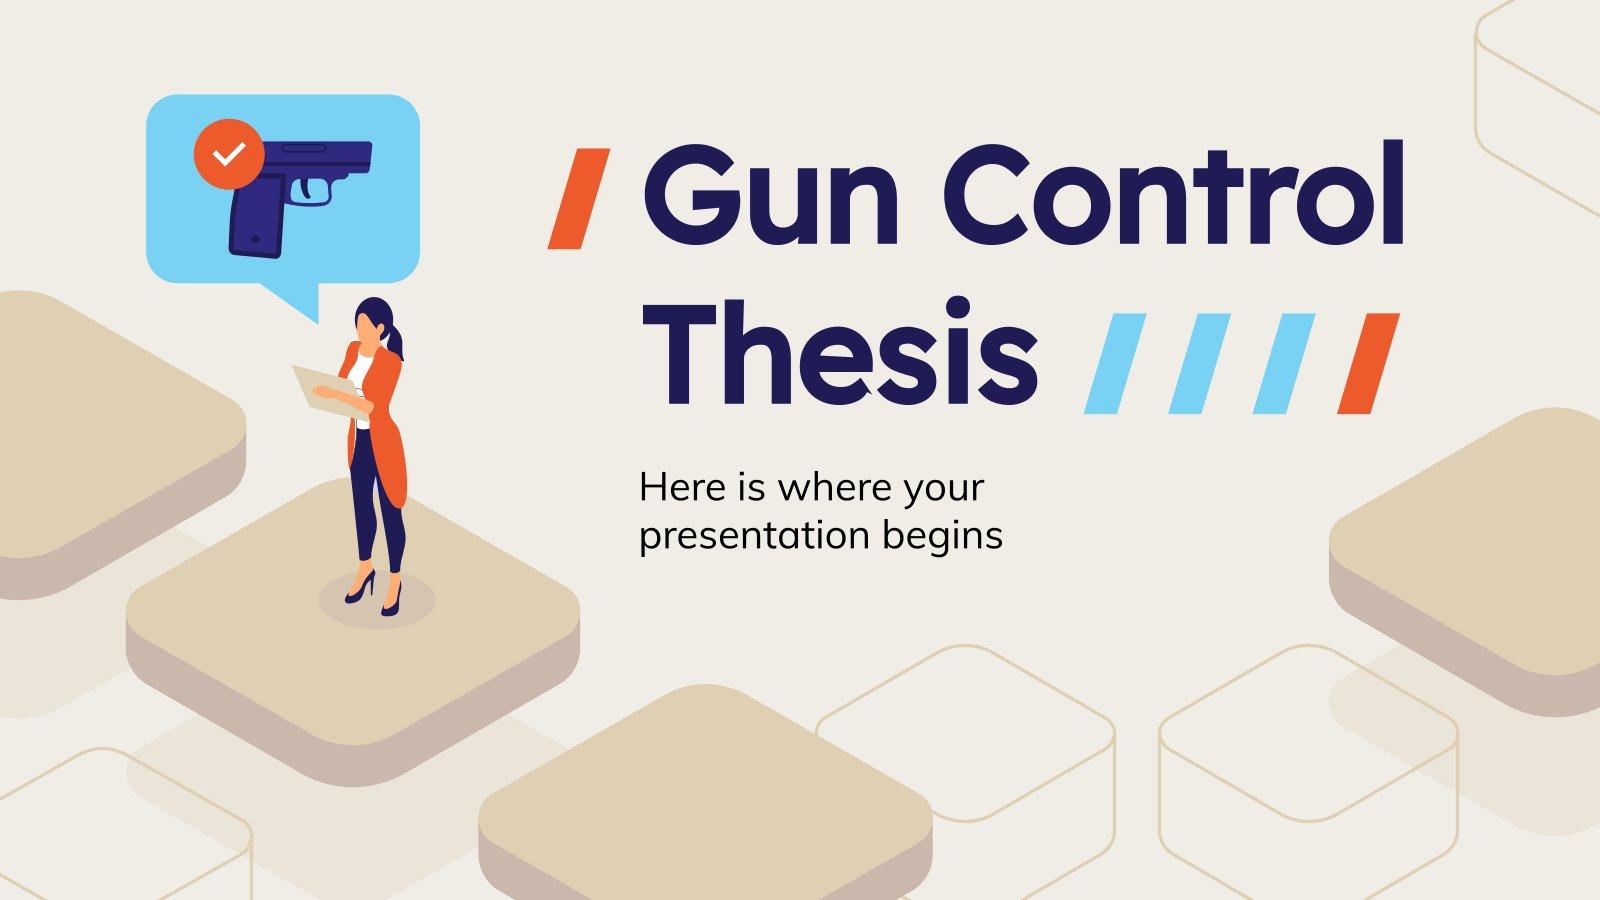 Modelo de apresentação Teses sobre controle de armas